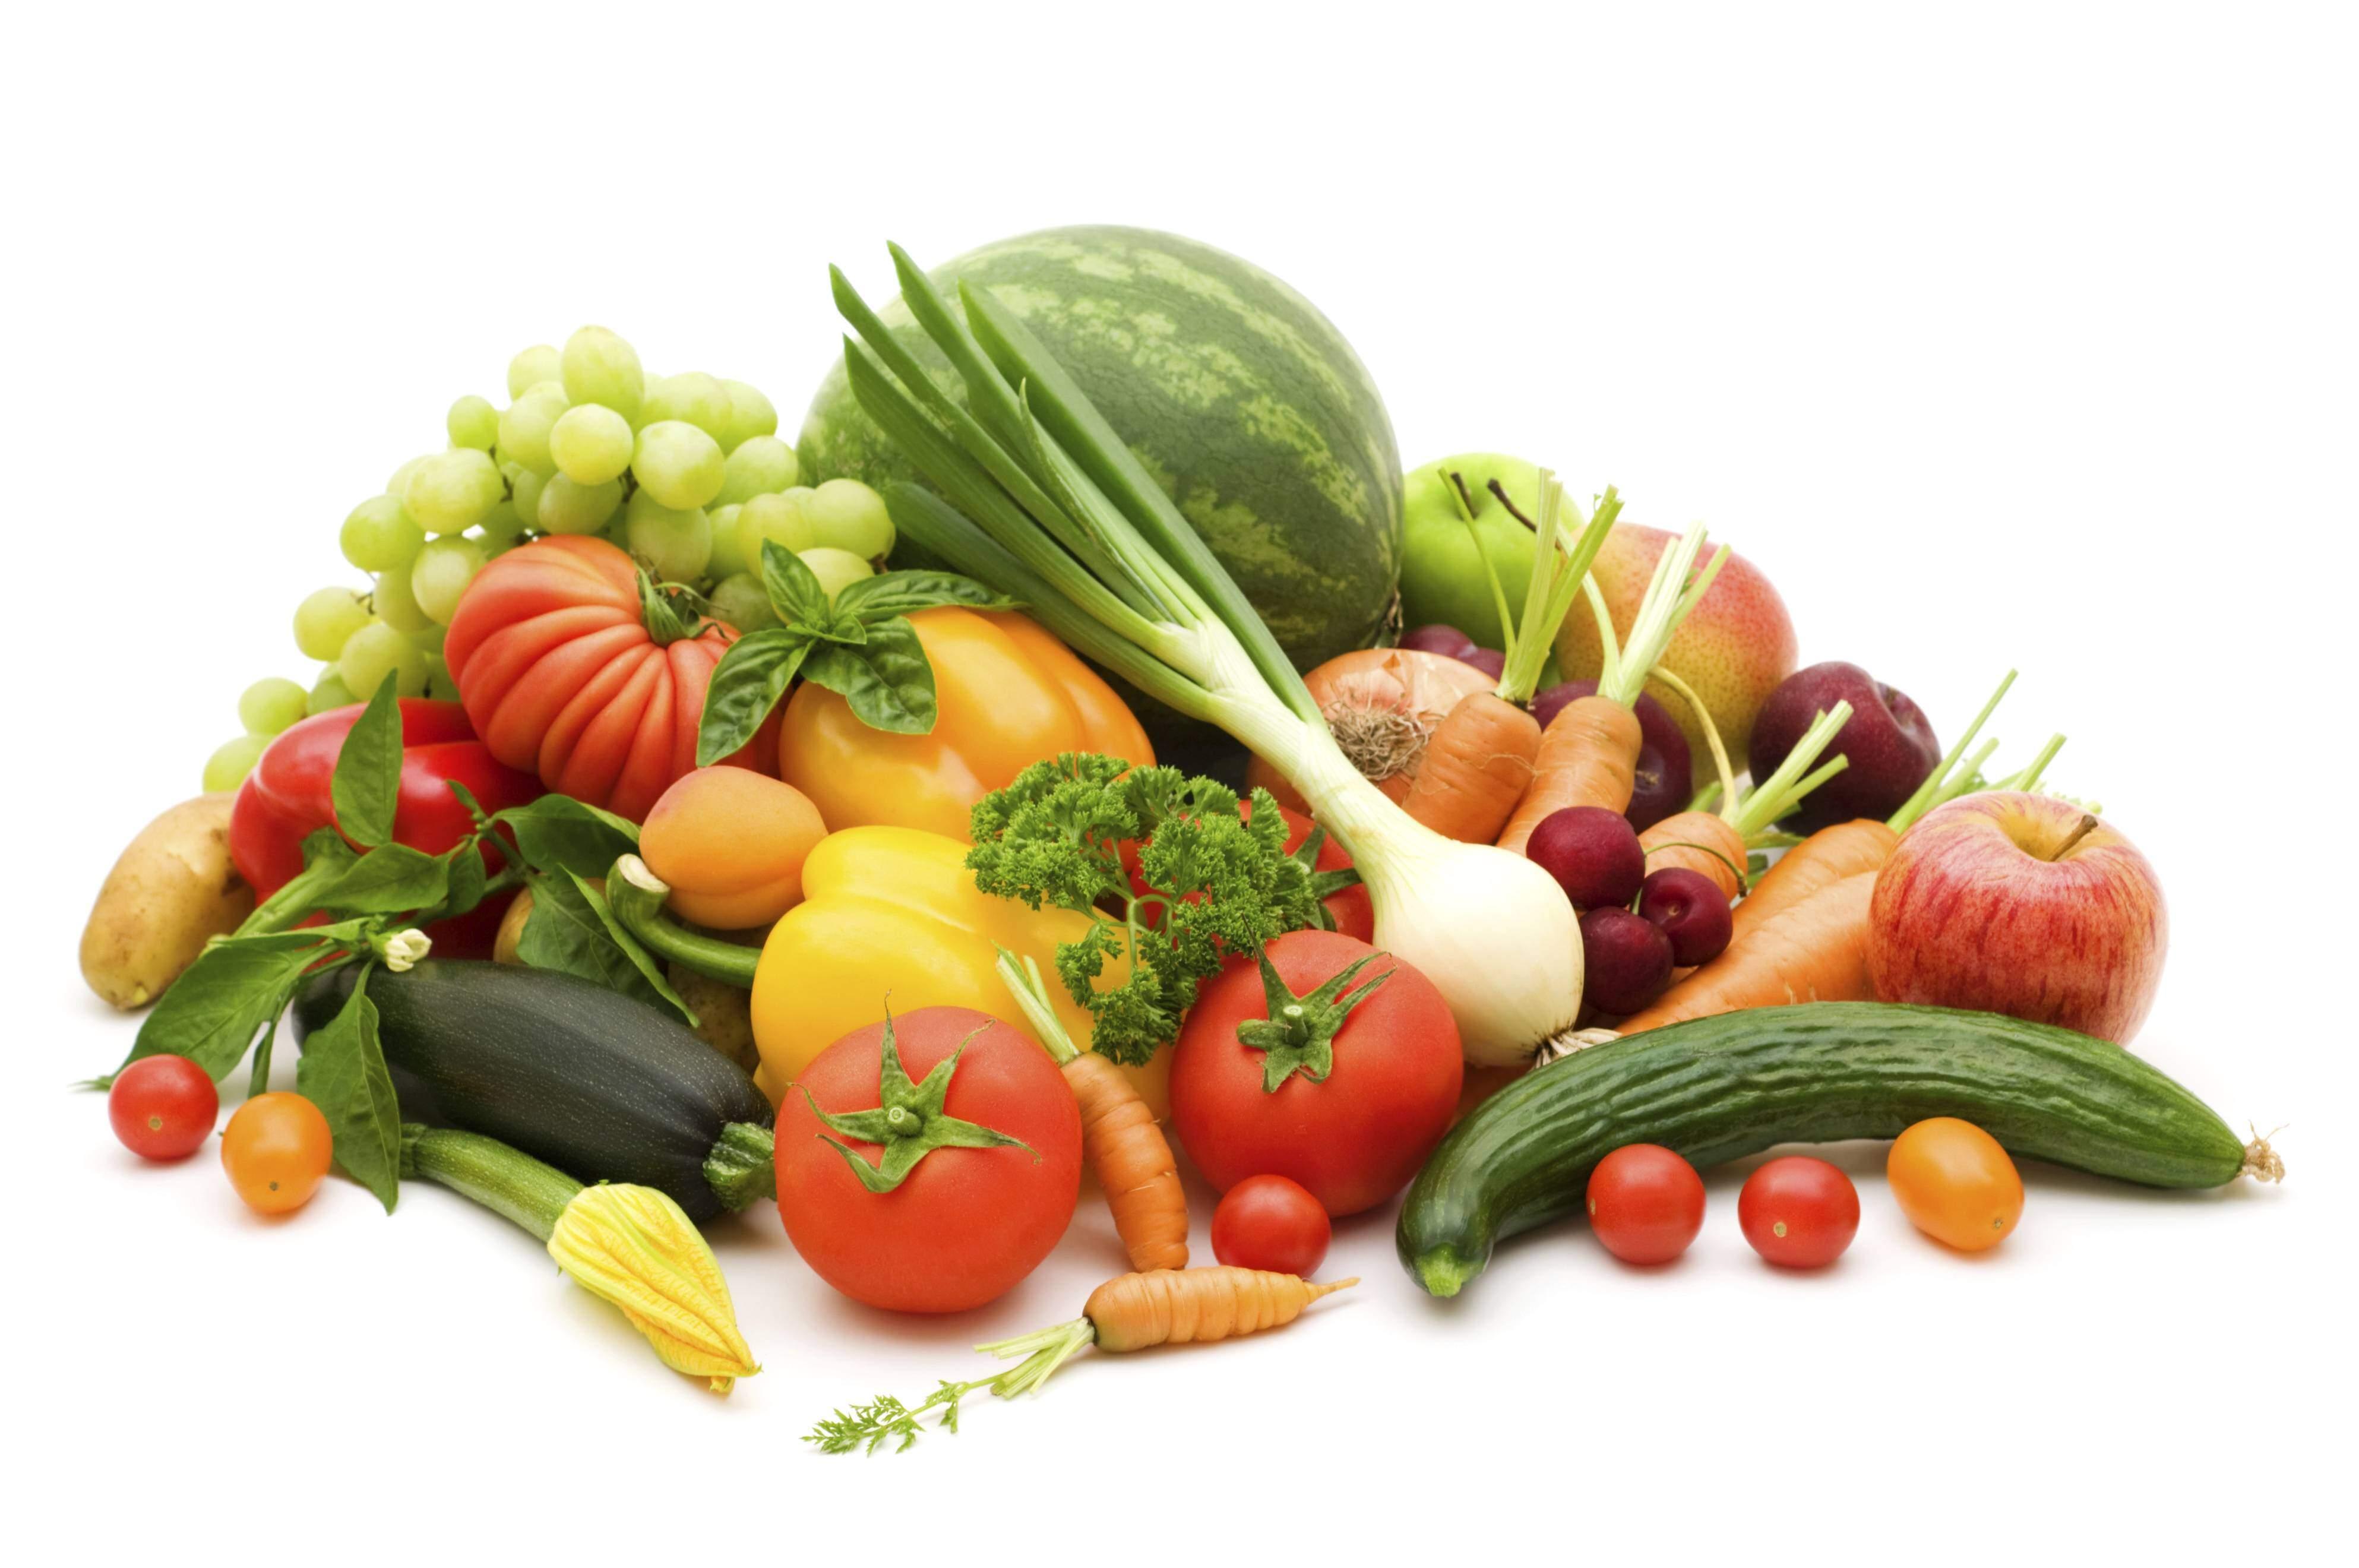 Cildi Yenileyen Besinler Nelerdir Hangi Gıdalar Cildi Yeniler